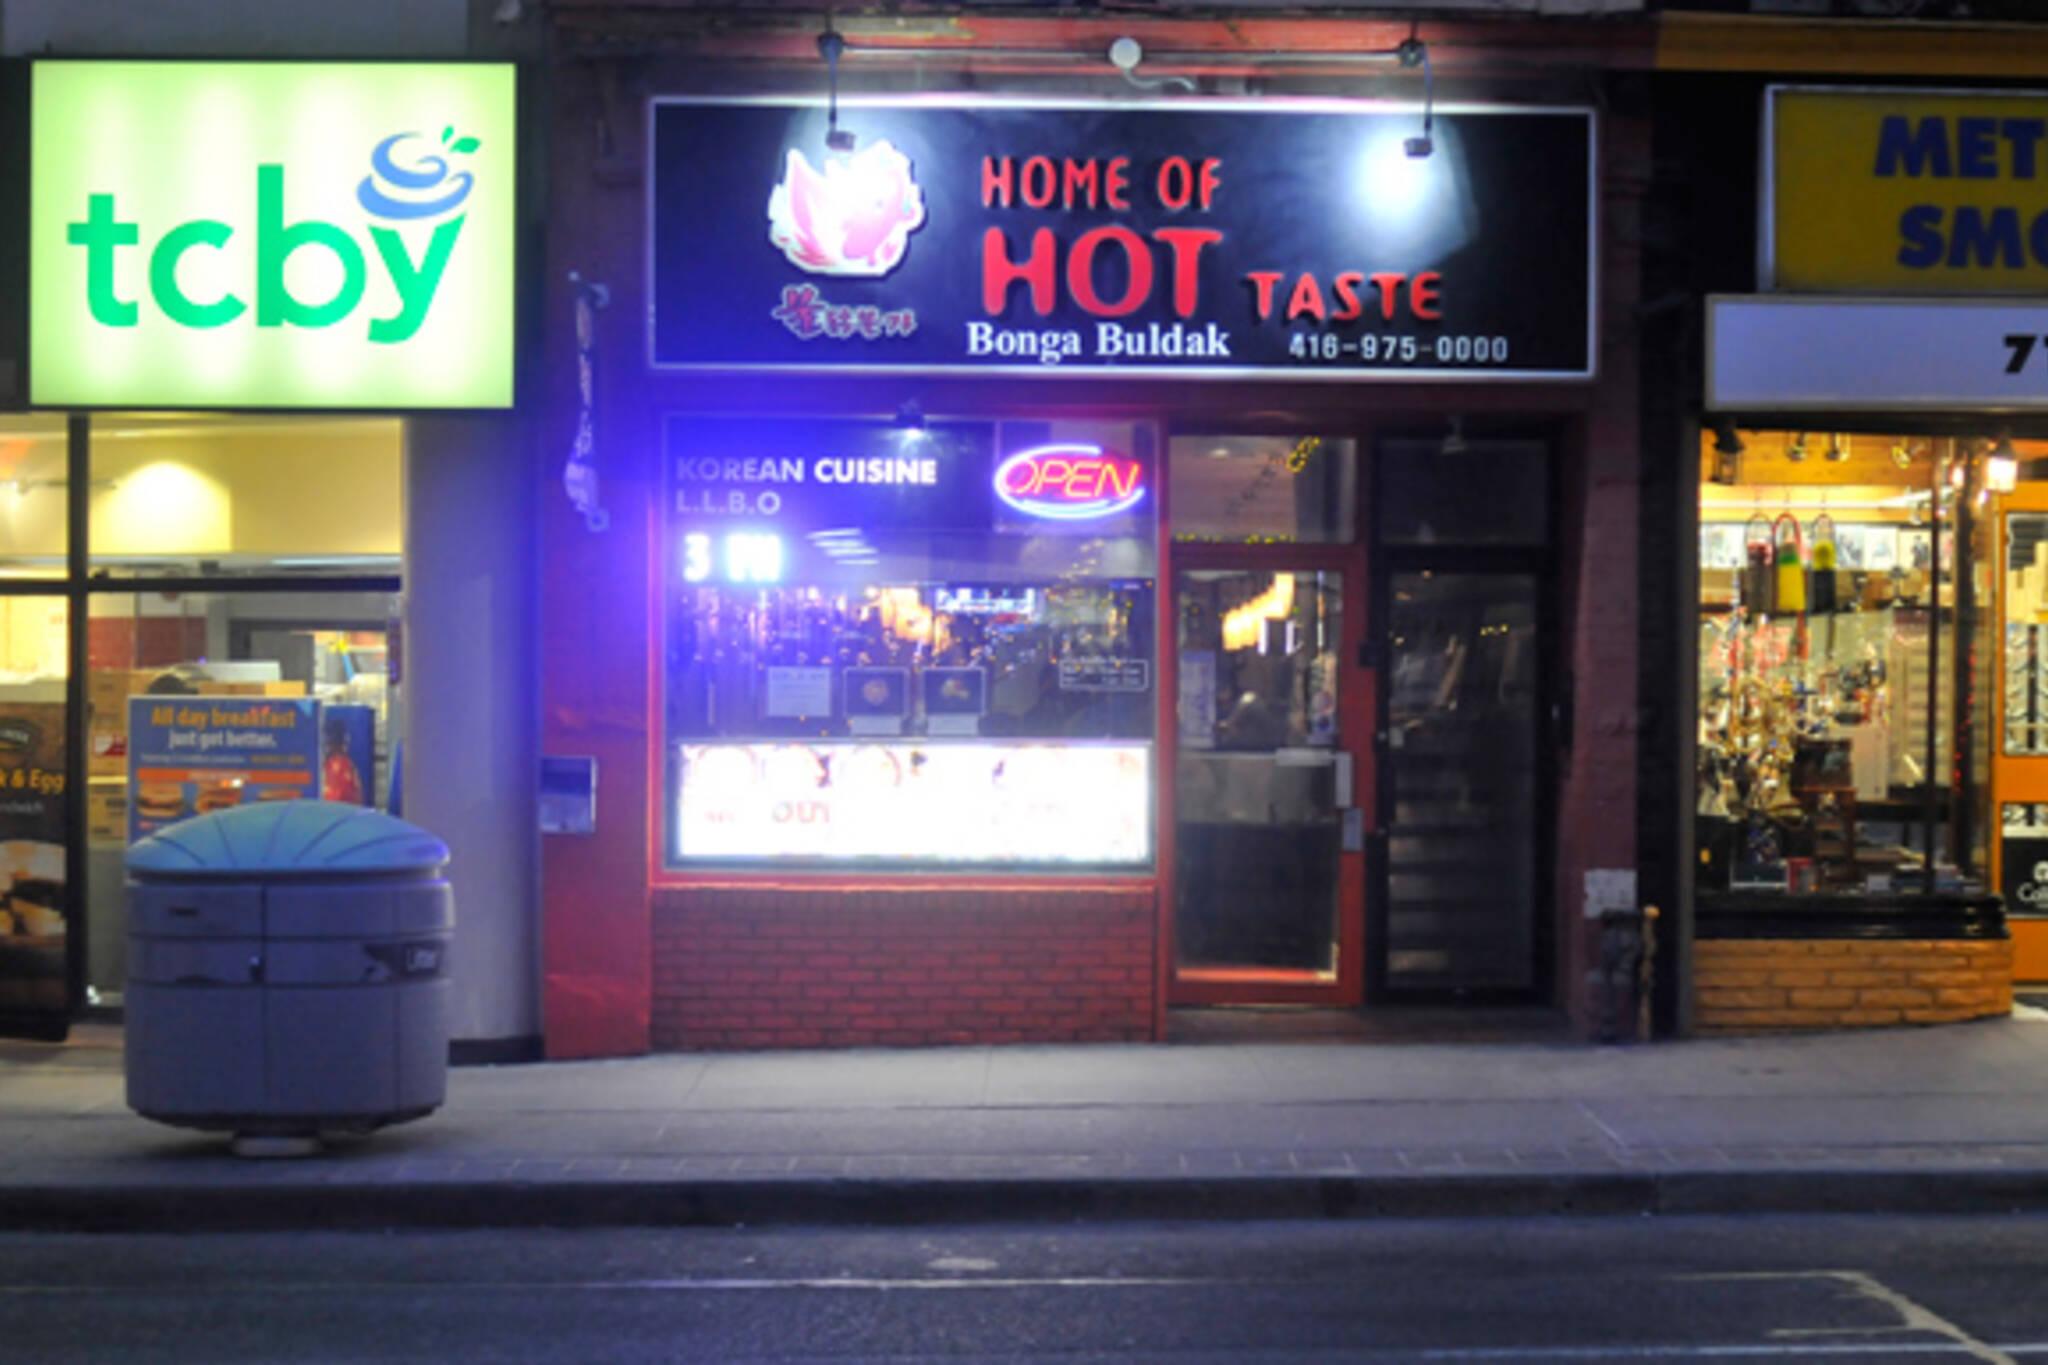 Home of Hot Taste